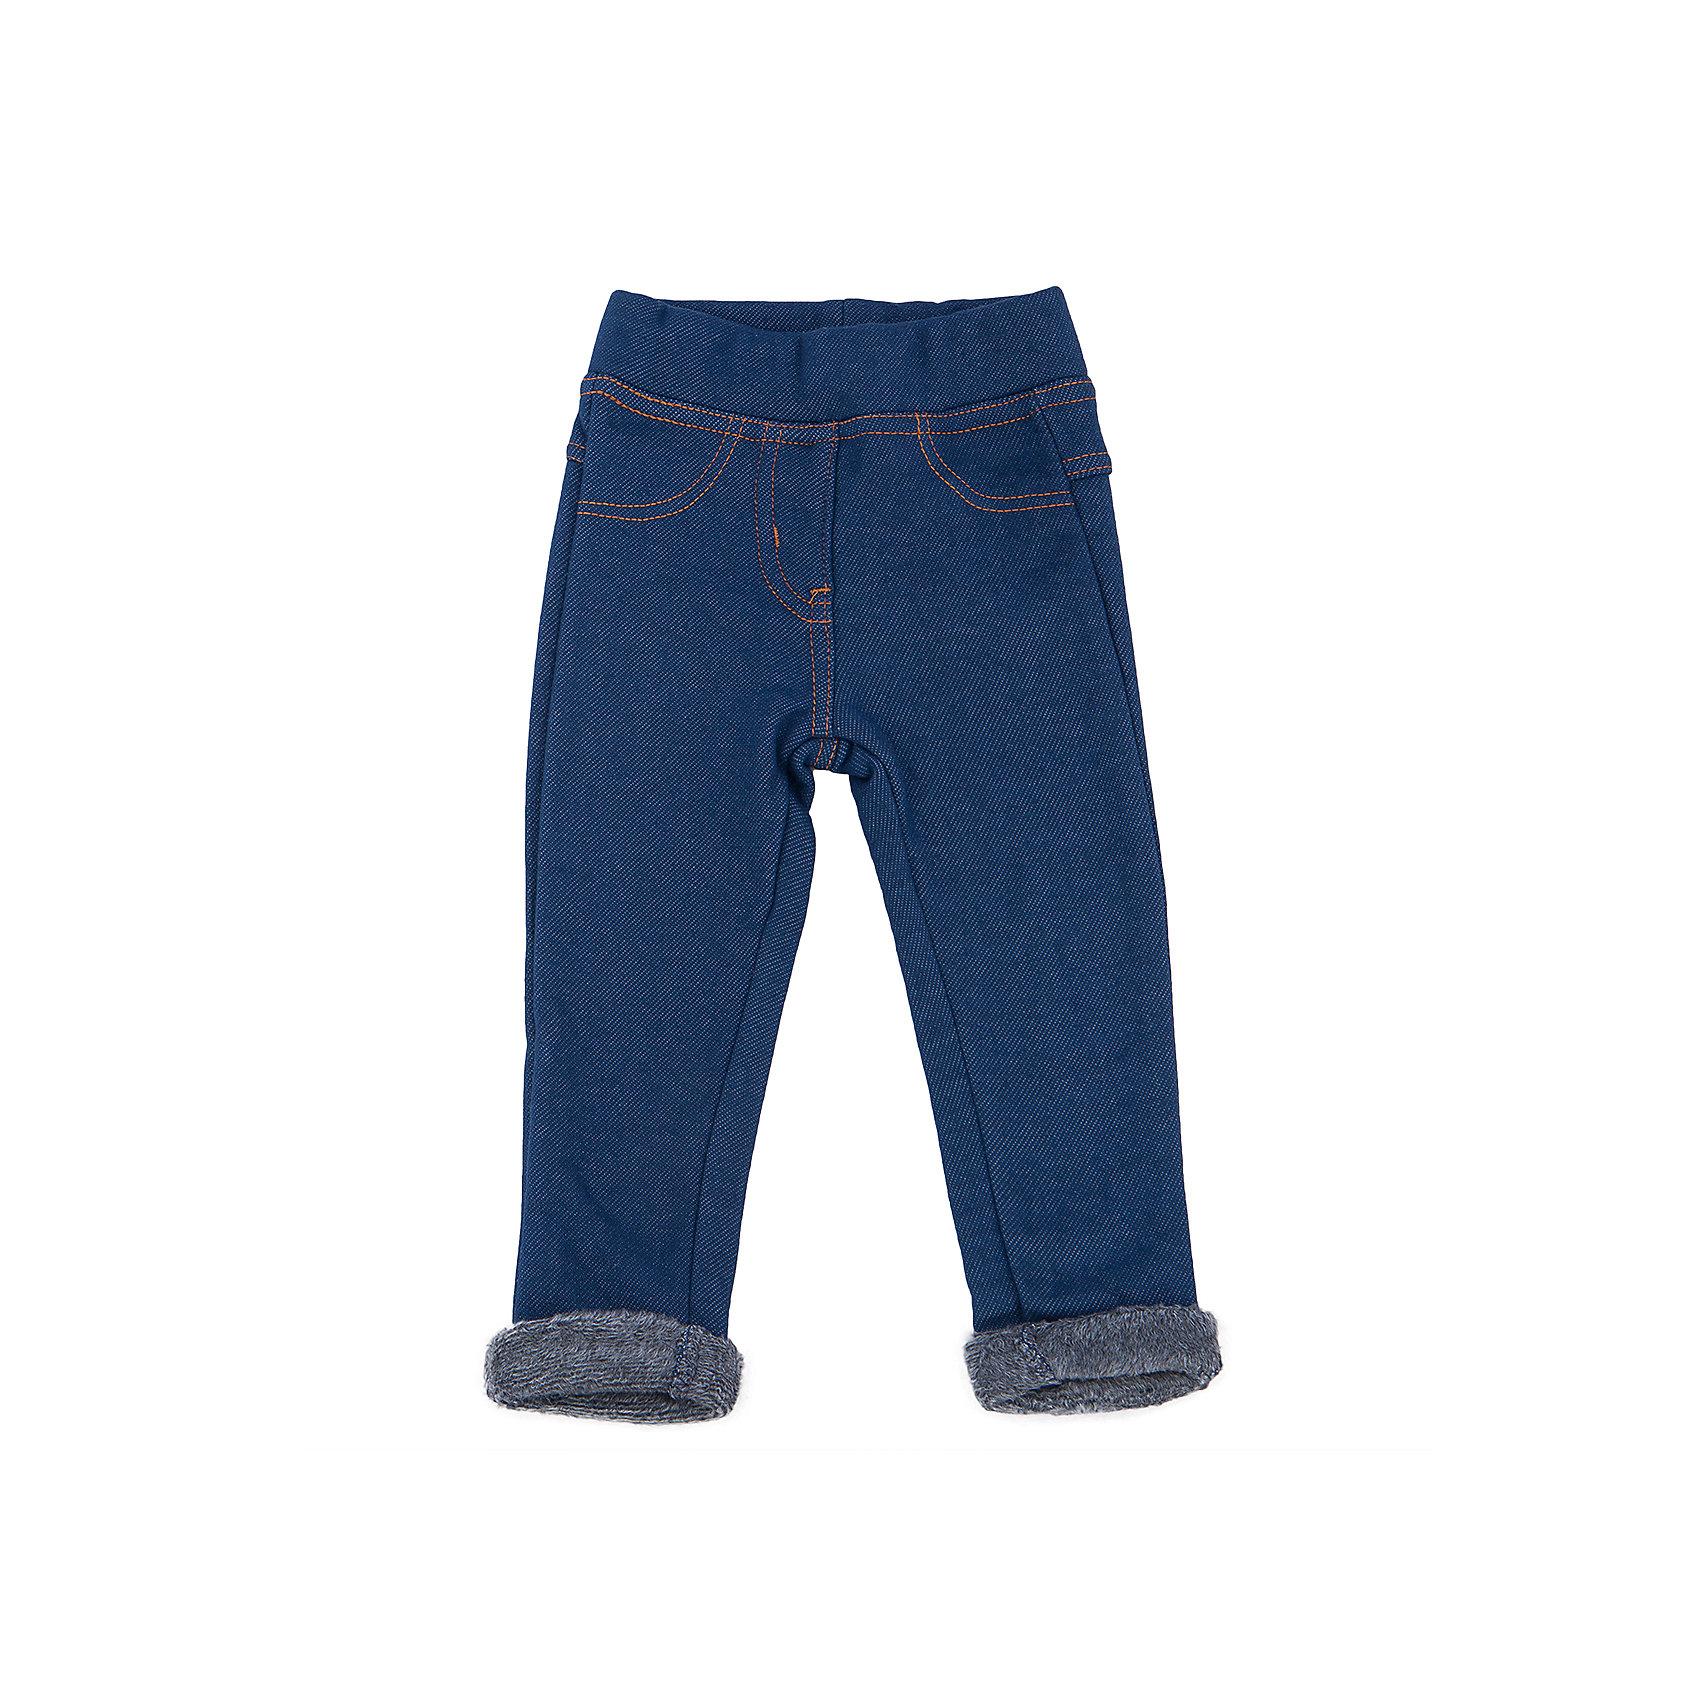 Брюки для девочки Sweet BerryЭта модель брюк-джеггинсов на меху отличается модным дизайном и универсальной расцветкой под джинс. Удачный крой обеспечит ребенку комфорт и тепло. Плотный материал делает вещь идеальной для прохладной погоды. Она хорошо прилегает к телу там, где нужно, и отлично сидит по фигуре. Натуральный хлопок в составе материала обеспечит коже возможность дышать и не вызовет аллергии. В поясе - мягкая резинка со шнурком.<br>Одежда от бренда Sweet Berry - это простой и выгодный способ одеть ребенка удобно и стильно. Всё изделия тщательно проработаны: швы - прочные, материал - качественный, фурнитура - подобранная специально для детей.<br><br>Дополнительная информация:<br><br>цвет: синий;<br>состав: 80% хлопок, 20% полиэстер, трикотаж;<br>в поясе - мягкая резинка.<br><br>Брюки для девочки от бренда Sweet Berry можно купить в нашем интернет-магазине.<br><br>Ширина мм: 215<br>Глубина мм: 88<br>Высота мм: 191<br>Вес г: 336<br>Цвет: синий<br>Возраст от месяцев: 24<br>Возраст до месяцев: 36<br>Пол: Женский<br>Возраст: Детский<br>Размер: 98,92,86,80<br>SKU: 4931378